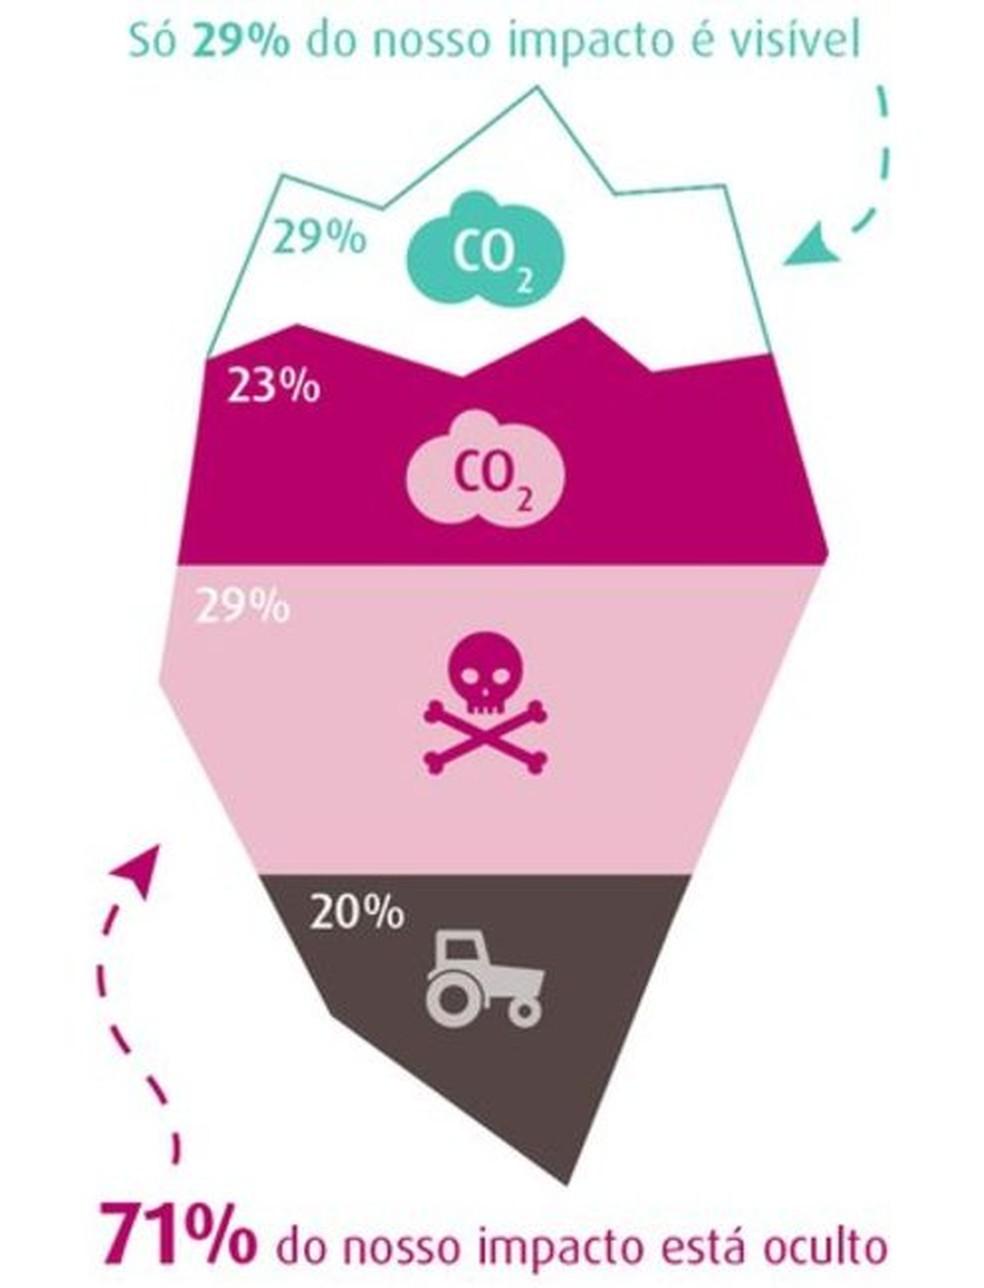 71% do nosso impacto no meio ambiente está oculto  (Foto: BBC)